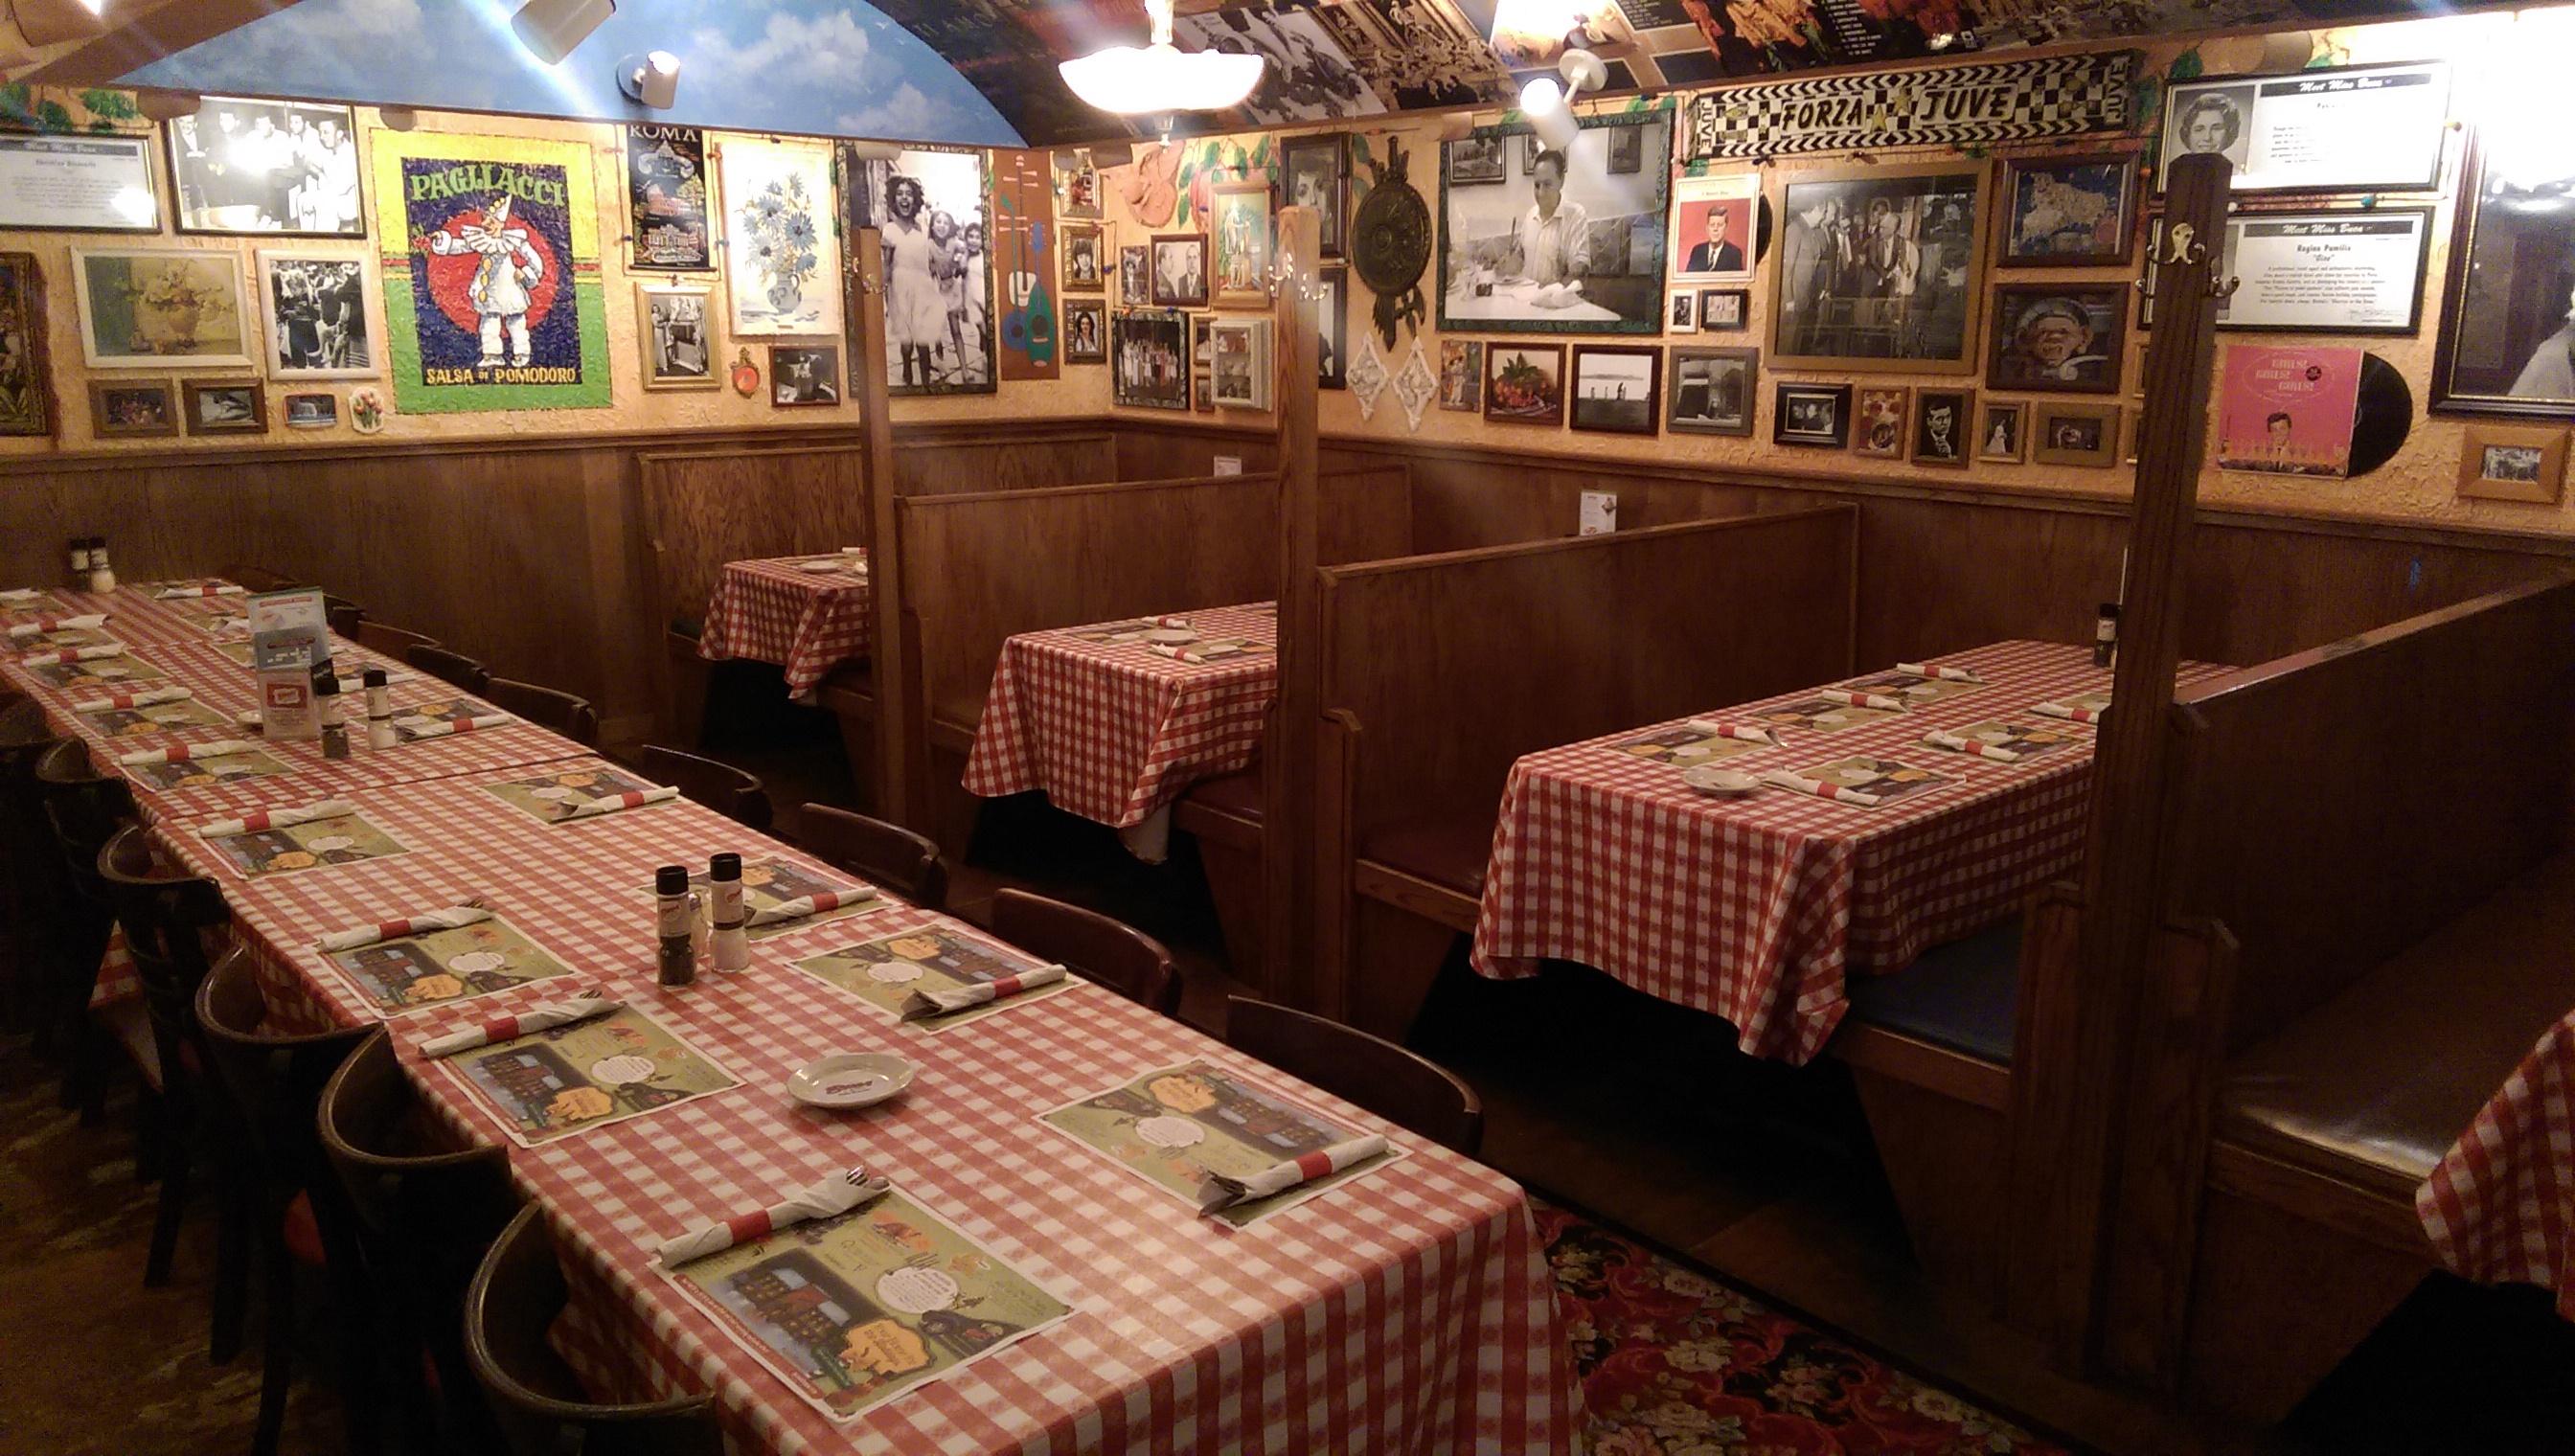 Italian Restaurants Downtown Salt Lake City Ut